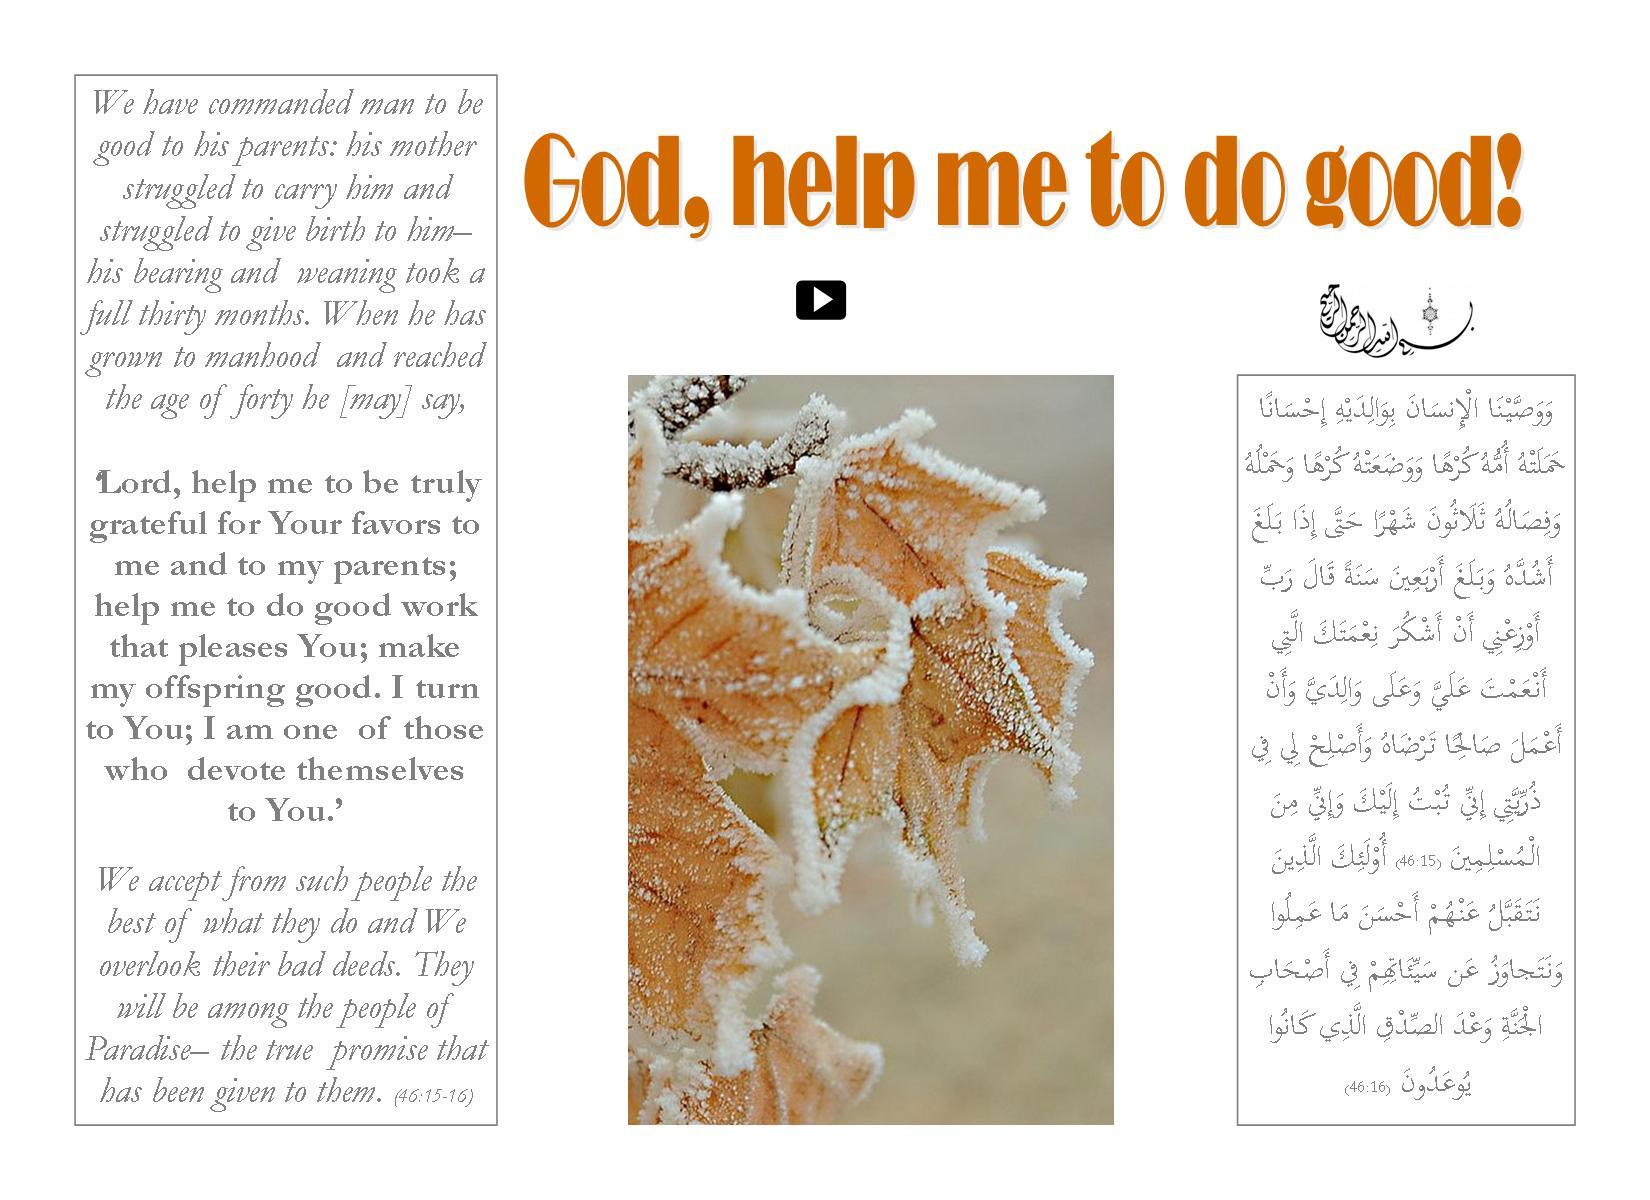 God, help me to do good!